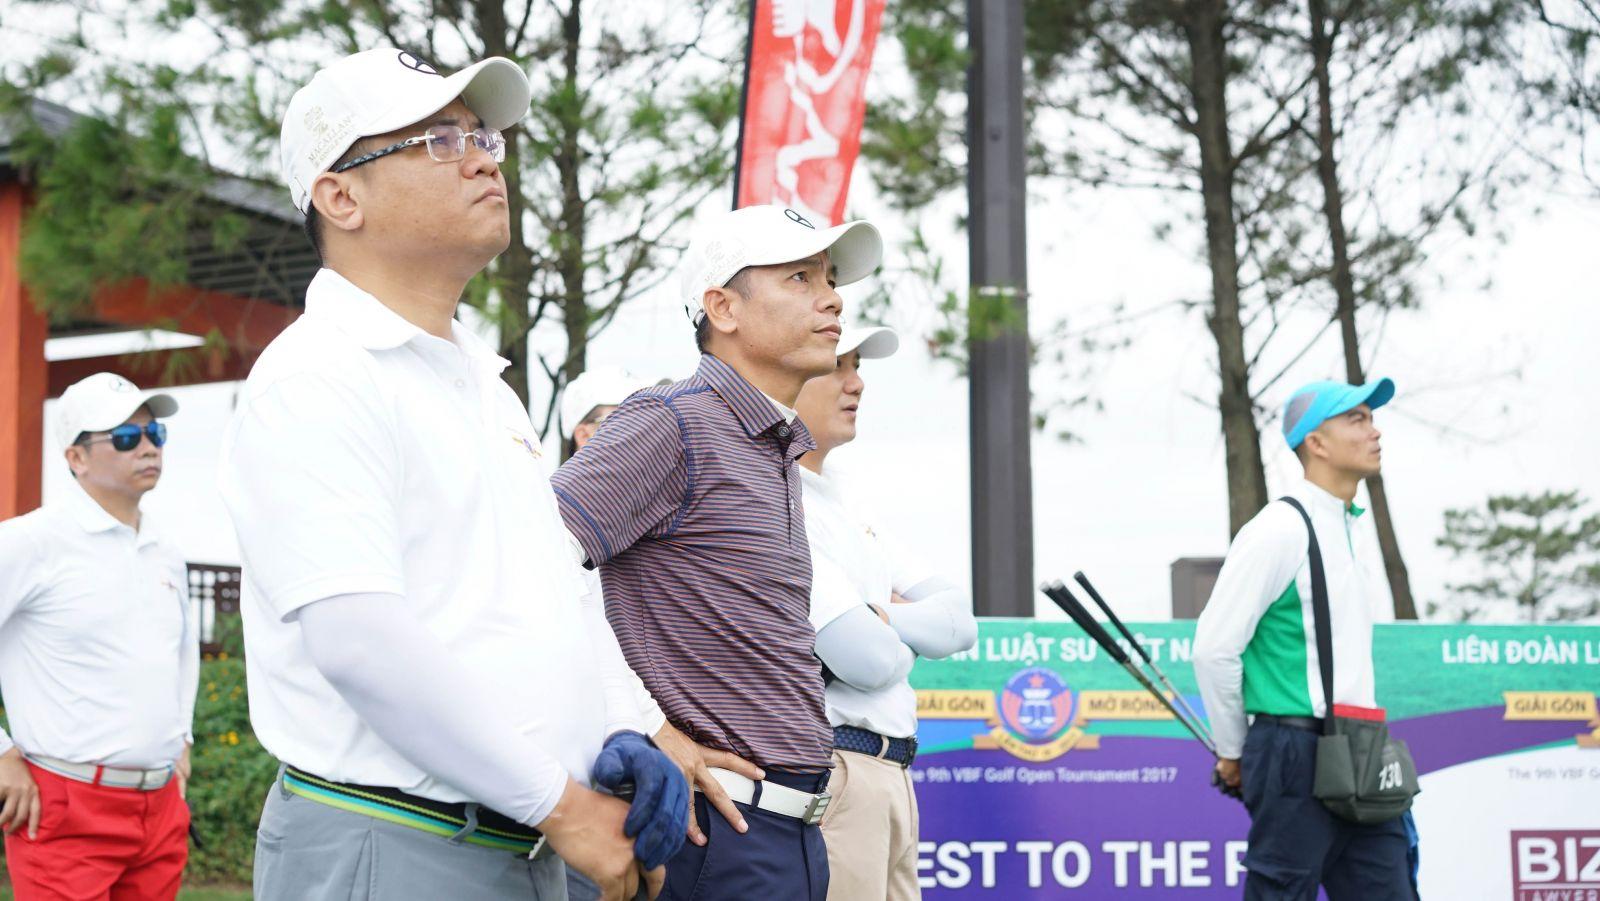 Luật sư SBLAW tham gia giải Golf Liên đoàn Luật sư Việt Nam